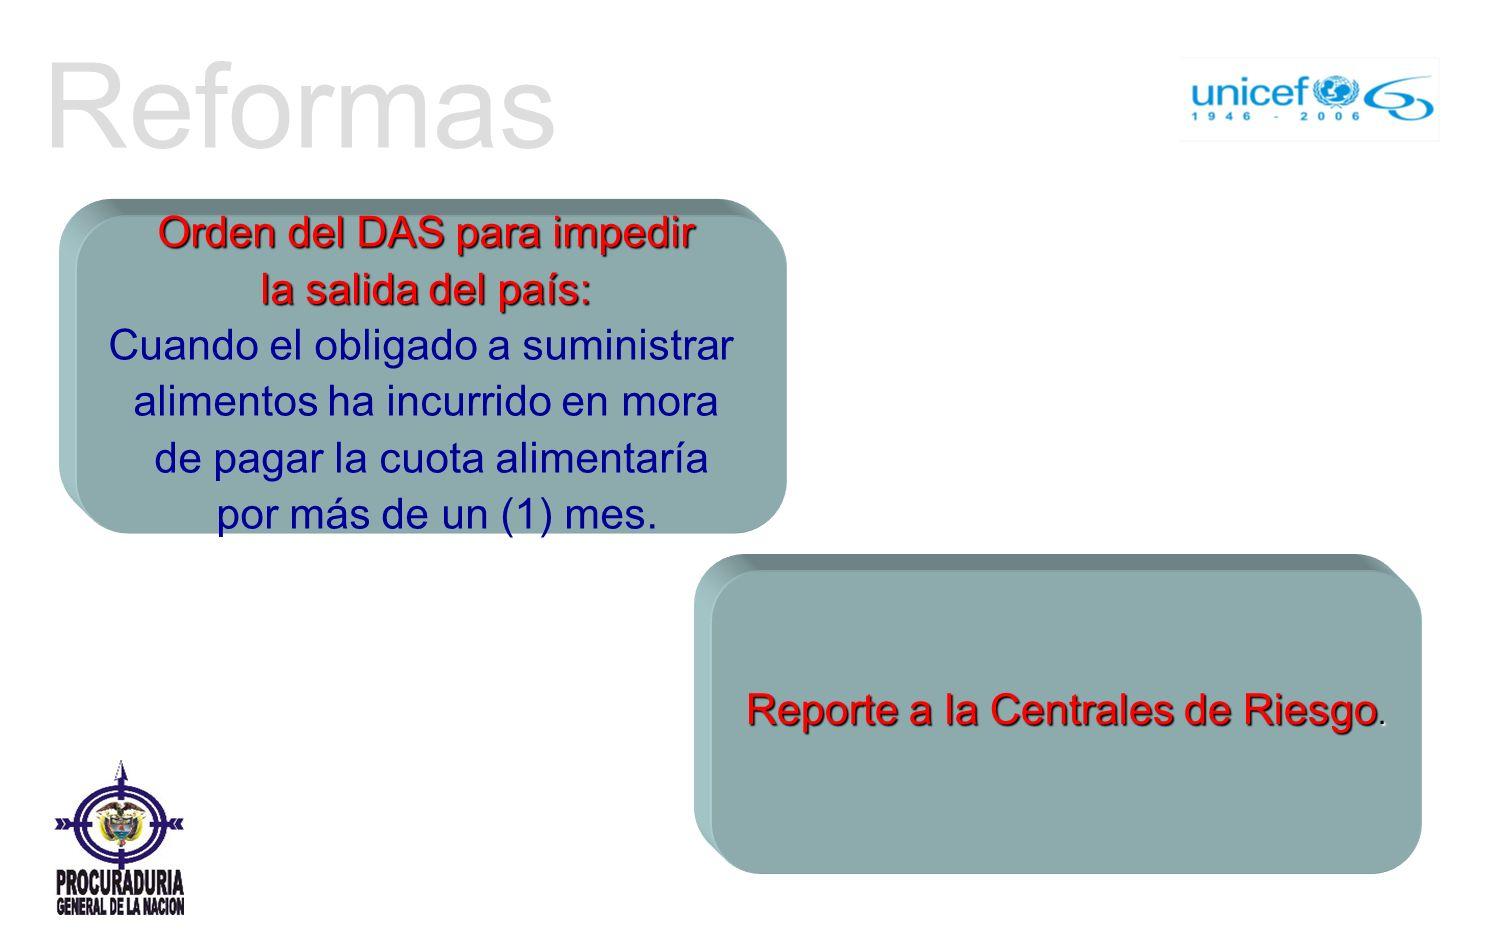 Reformas Orden del DAS para impedir la salida del país: Cuando el obligado a suministrar alimentos ha incurrido en mora de pagar la cuota alimentaría por más de un (1) mes.